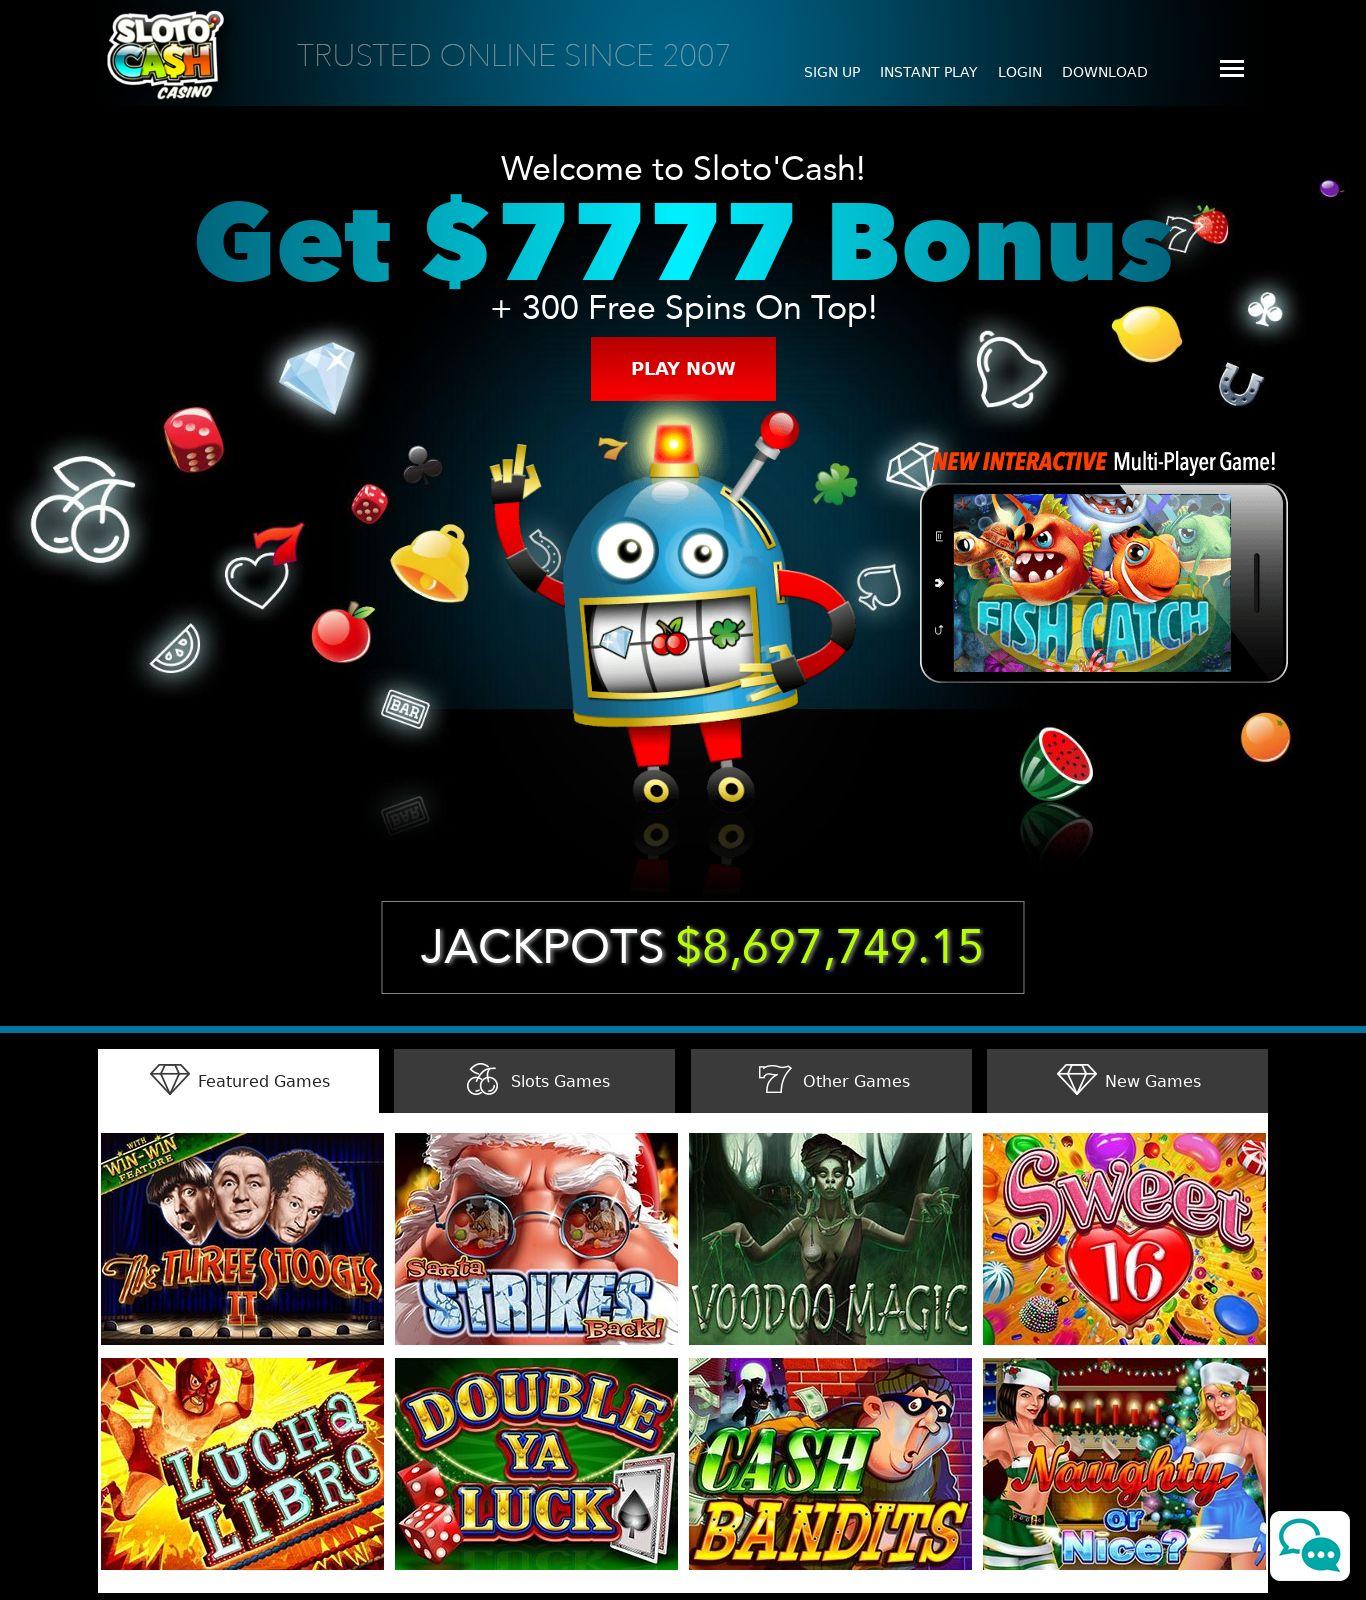 Slot Ocash Casino Review Scam Report Slotocash Im Jun 15 2020